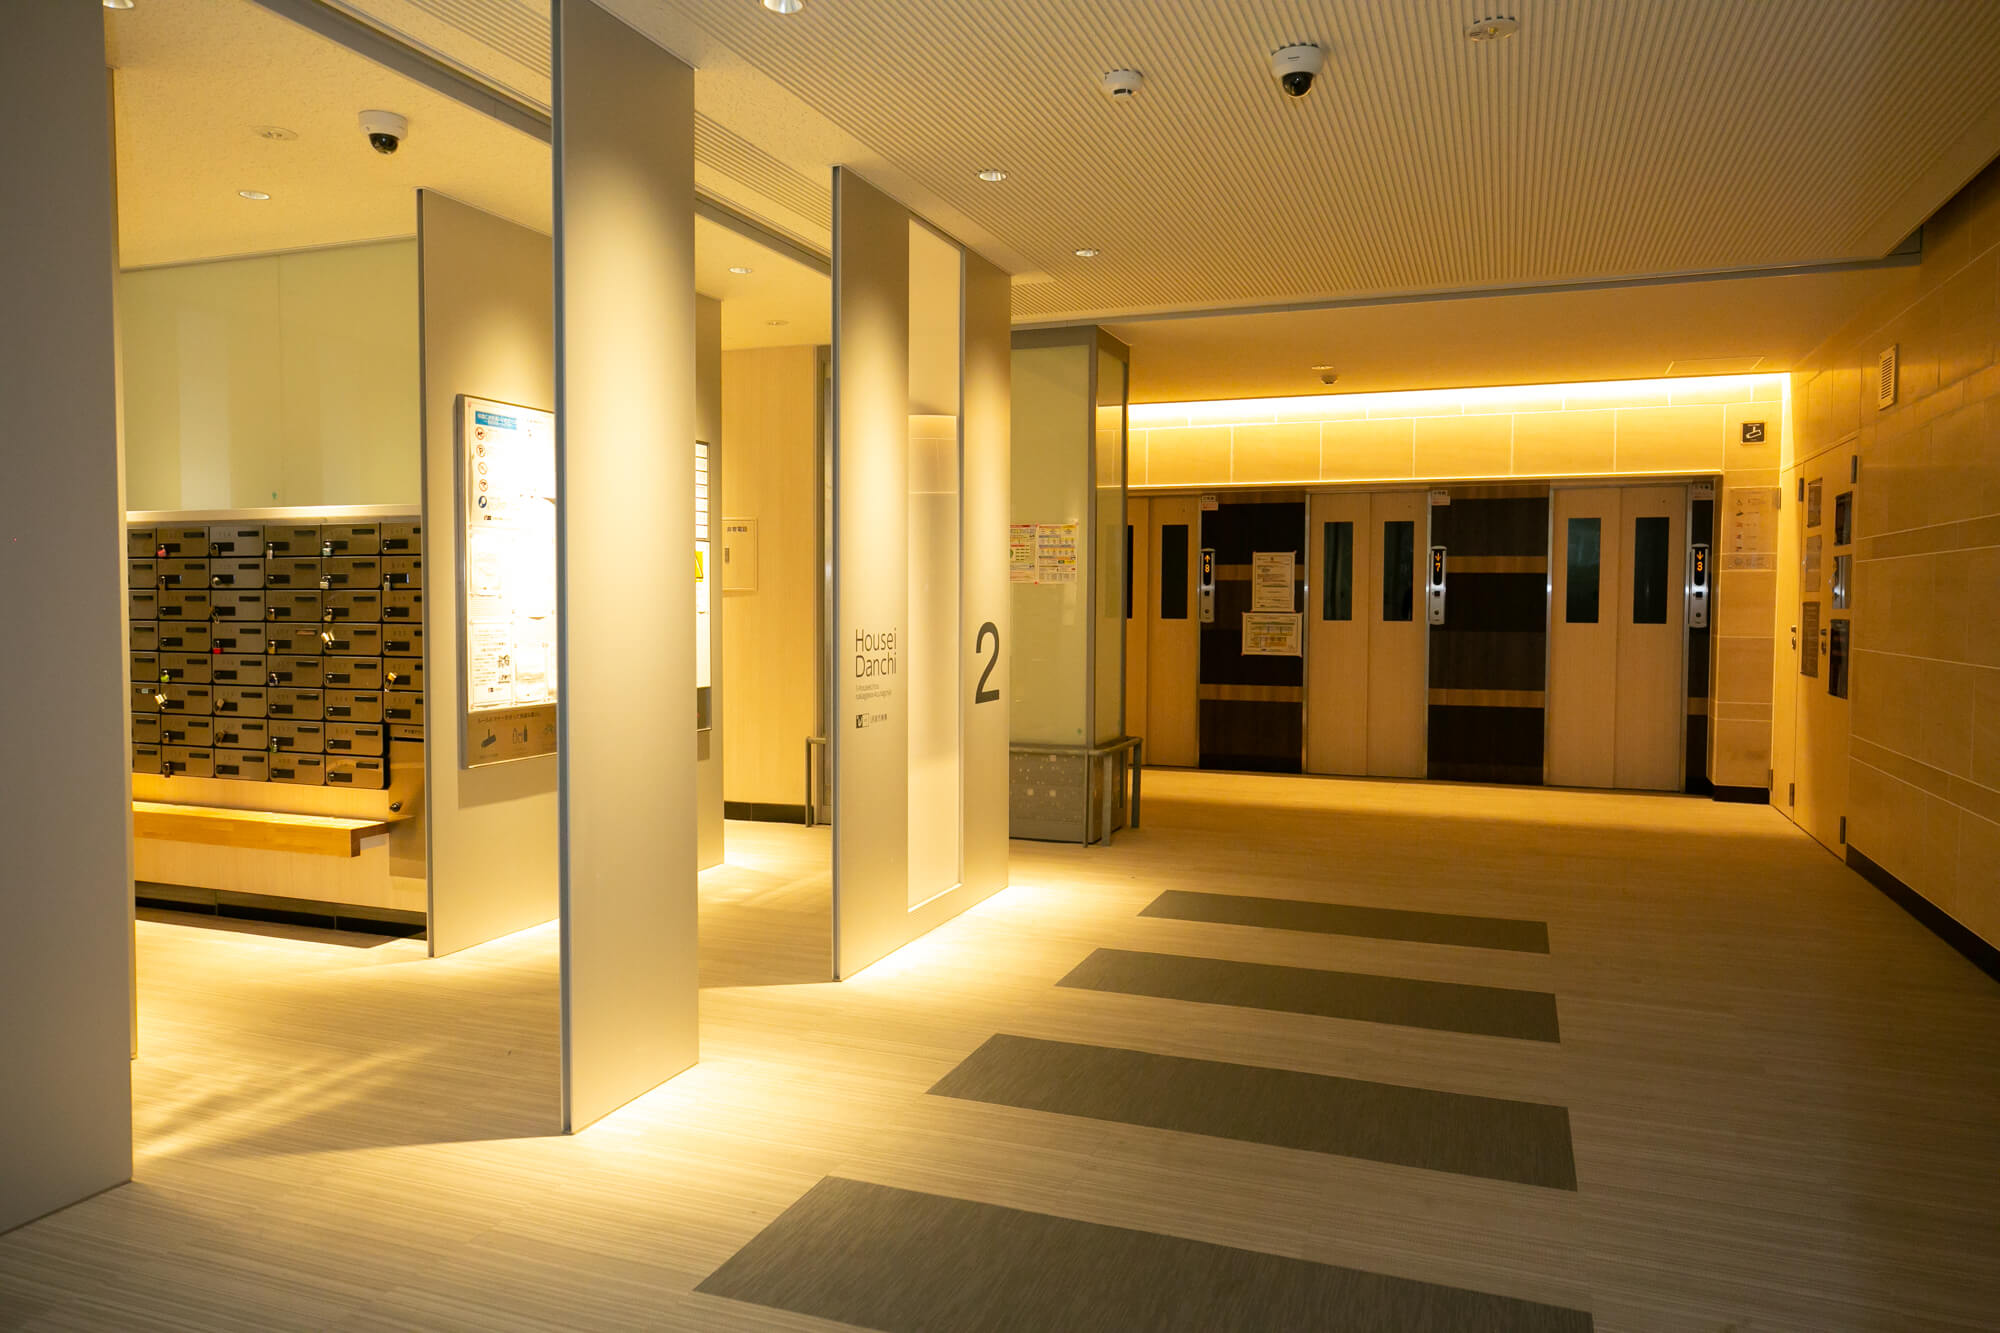 エレベーターホールも、間接照明でとても雰囲気がいいです。ホテルや高級マンションのようですね。